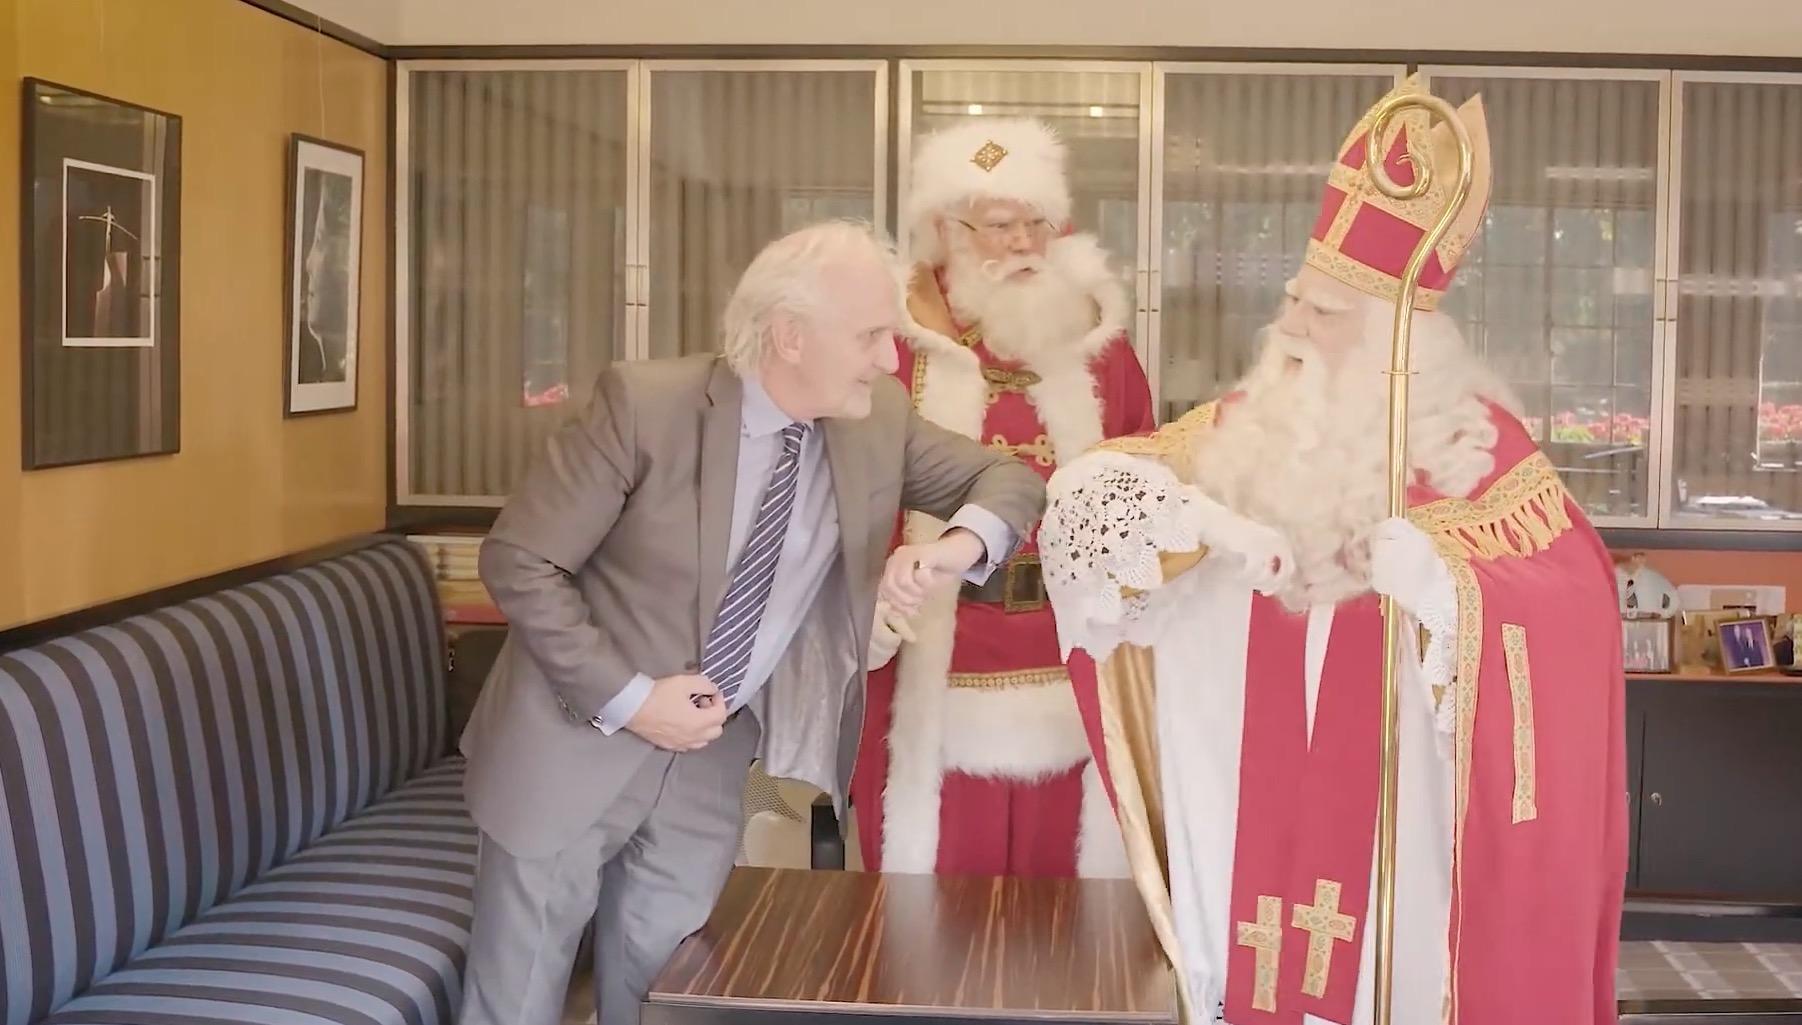 Sinterklaas en Kerstman op corona-gesprek bij burgemeester van Hilversum: 'Mooi dat we nog steeds welkom zijn' [video]